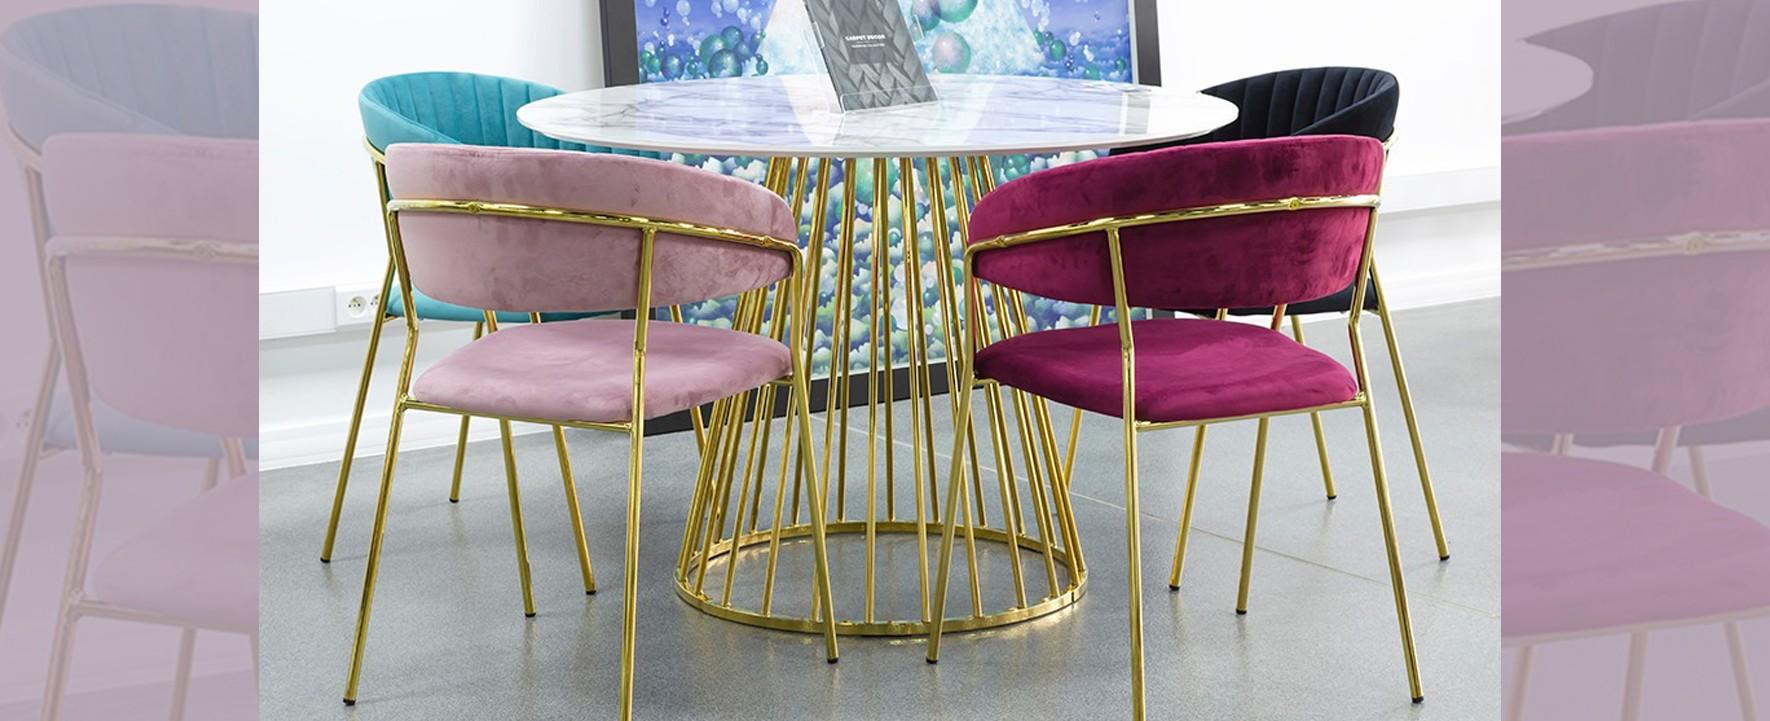 krzesła na złotych nogach